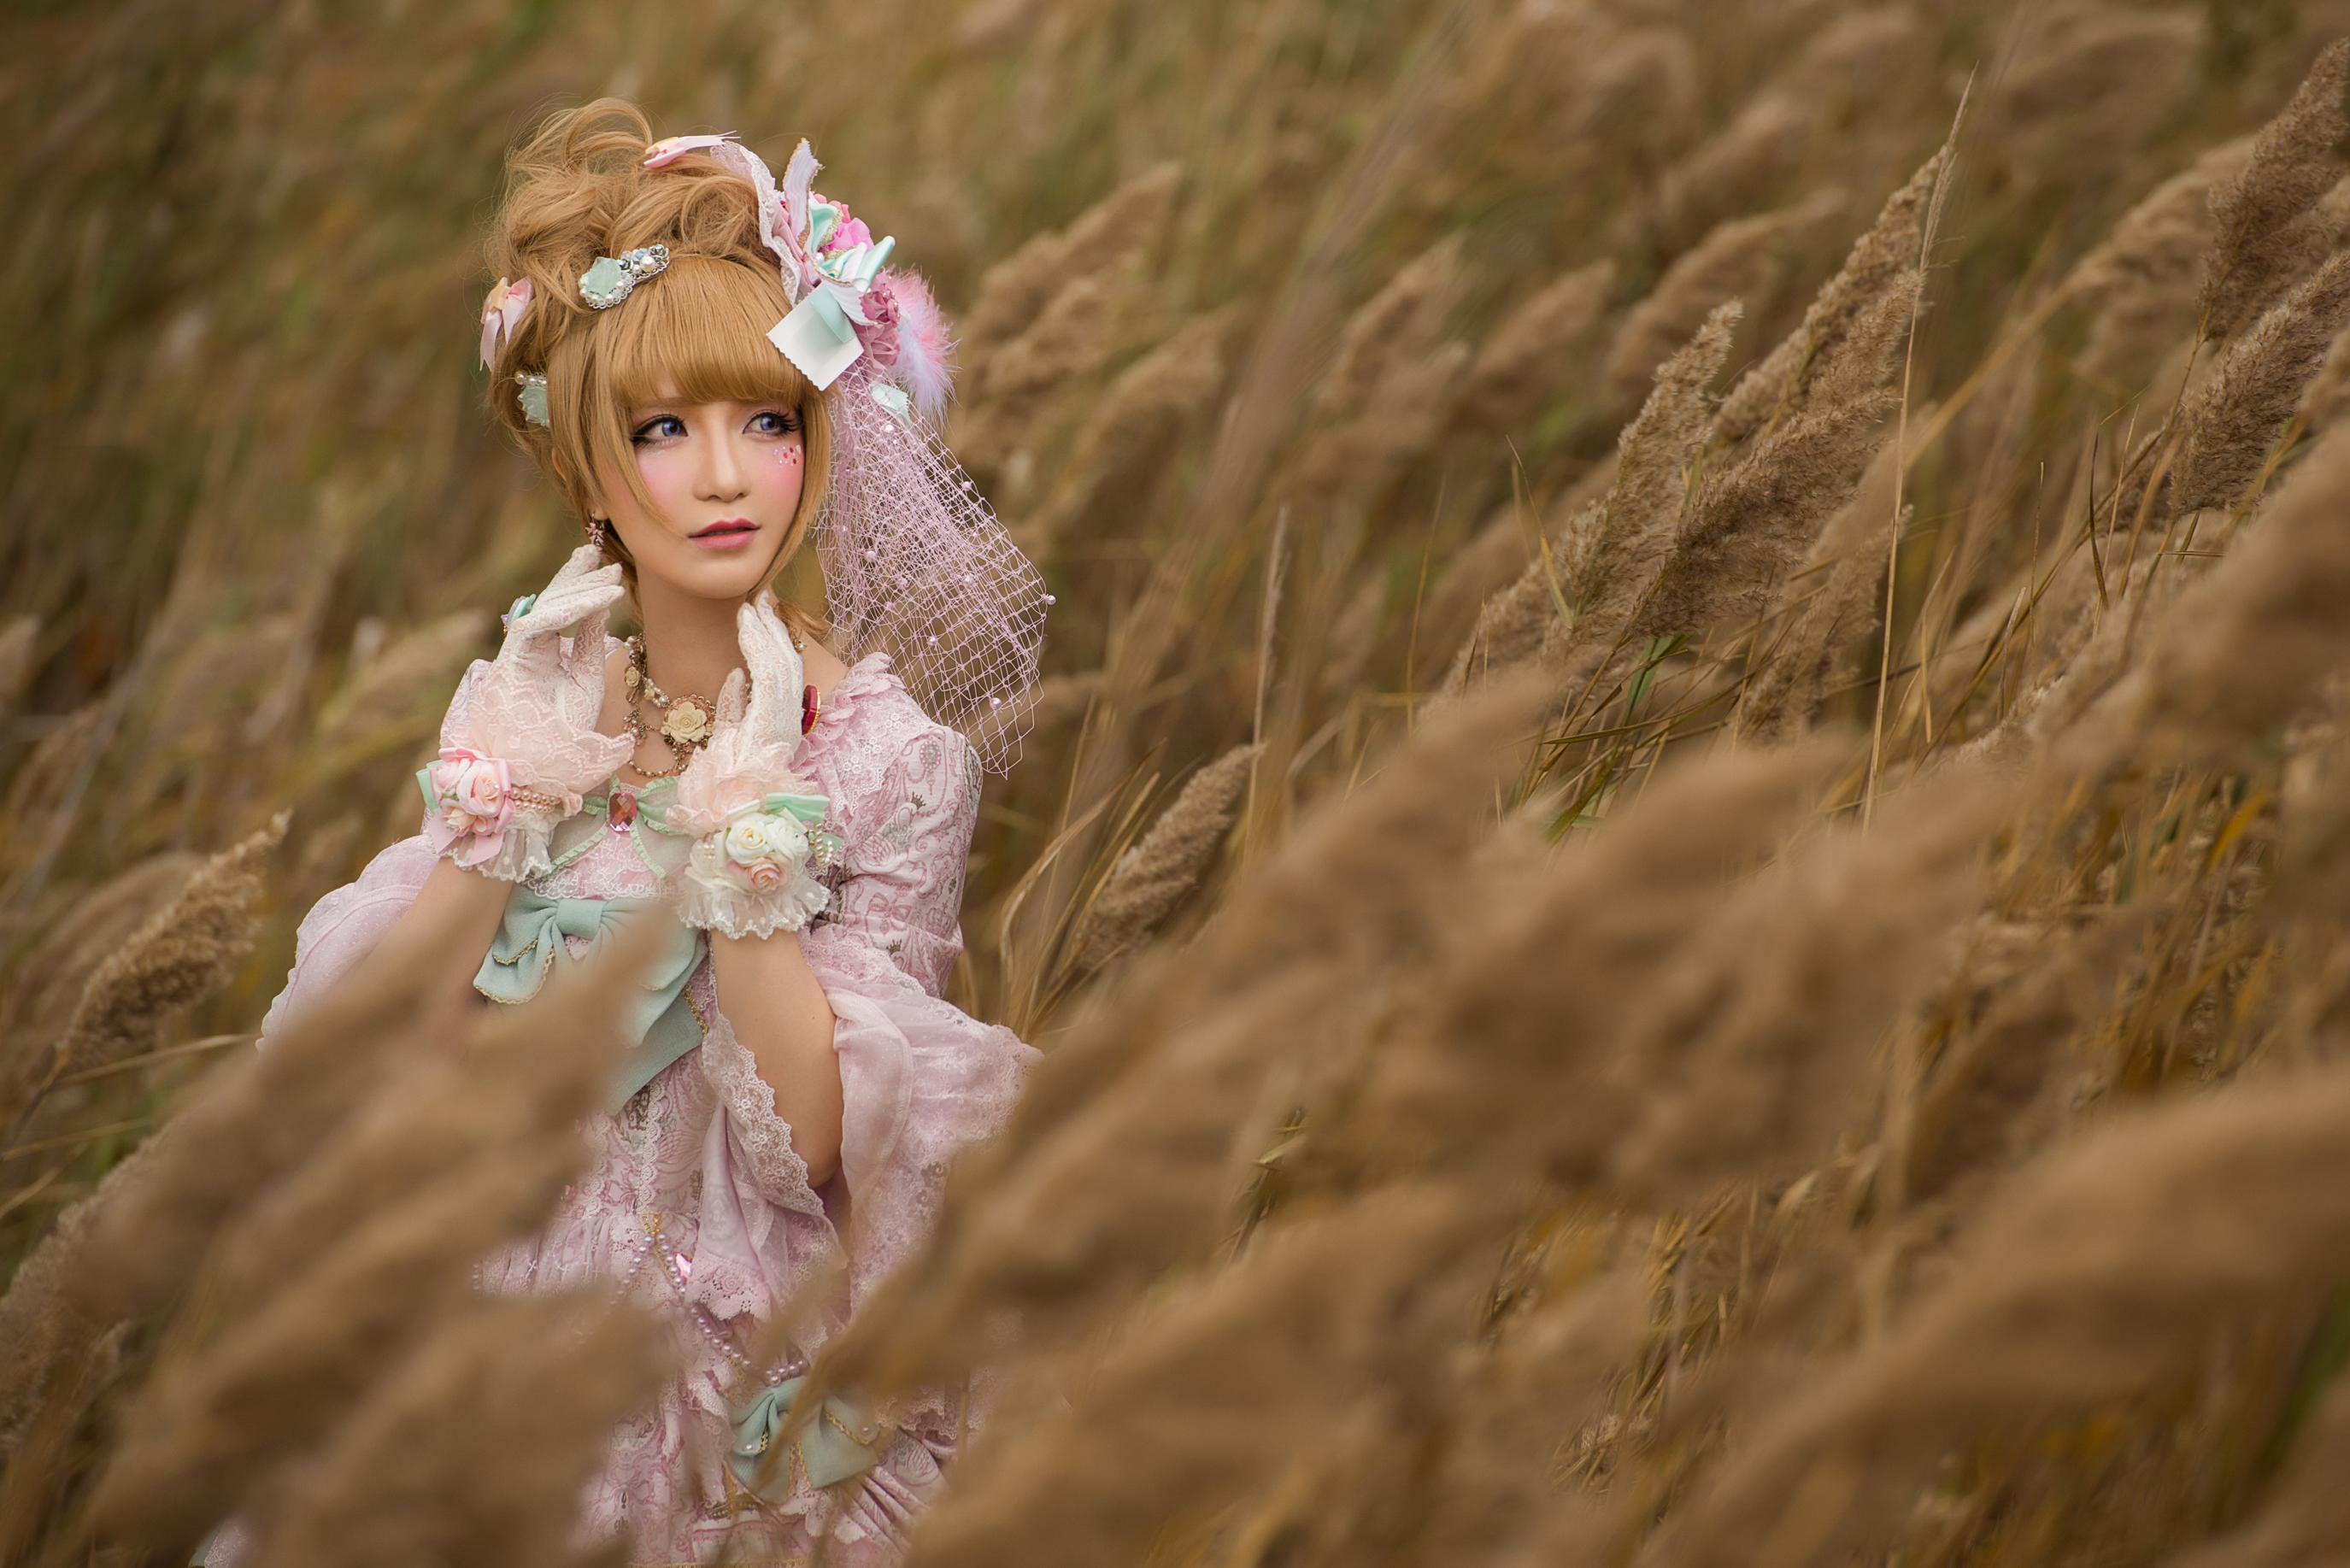 LolitaFashion_by_CurtisPan_13